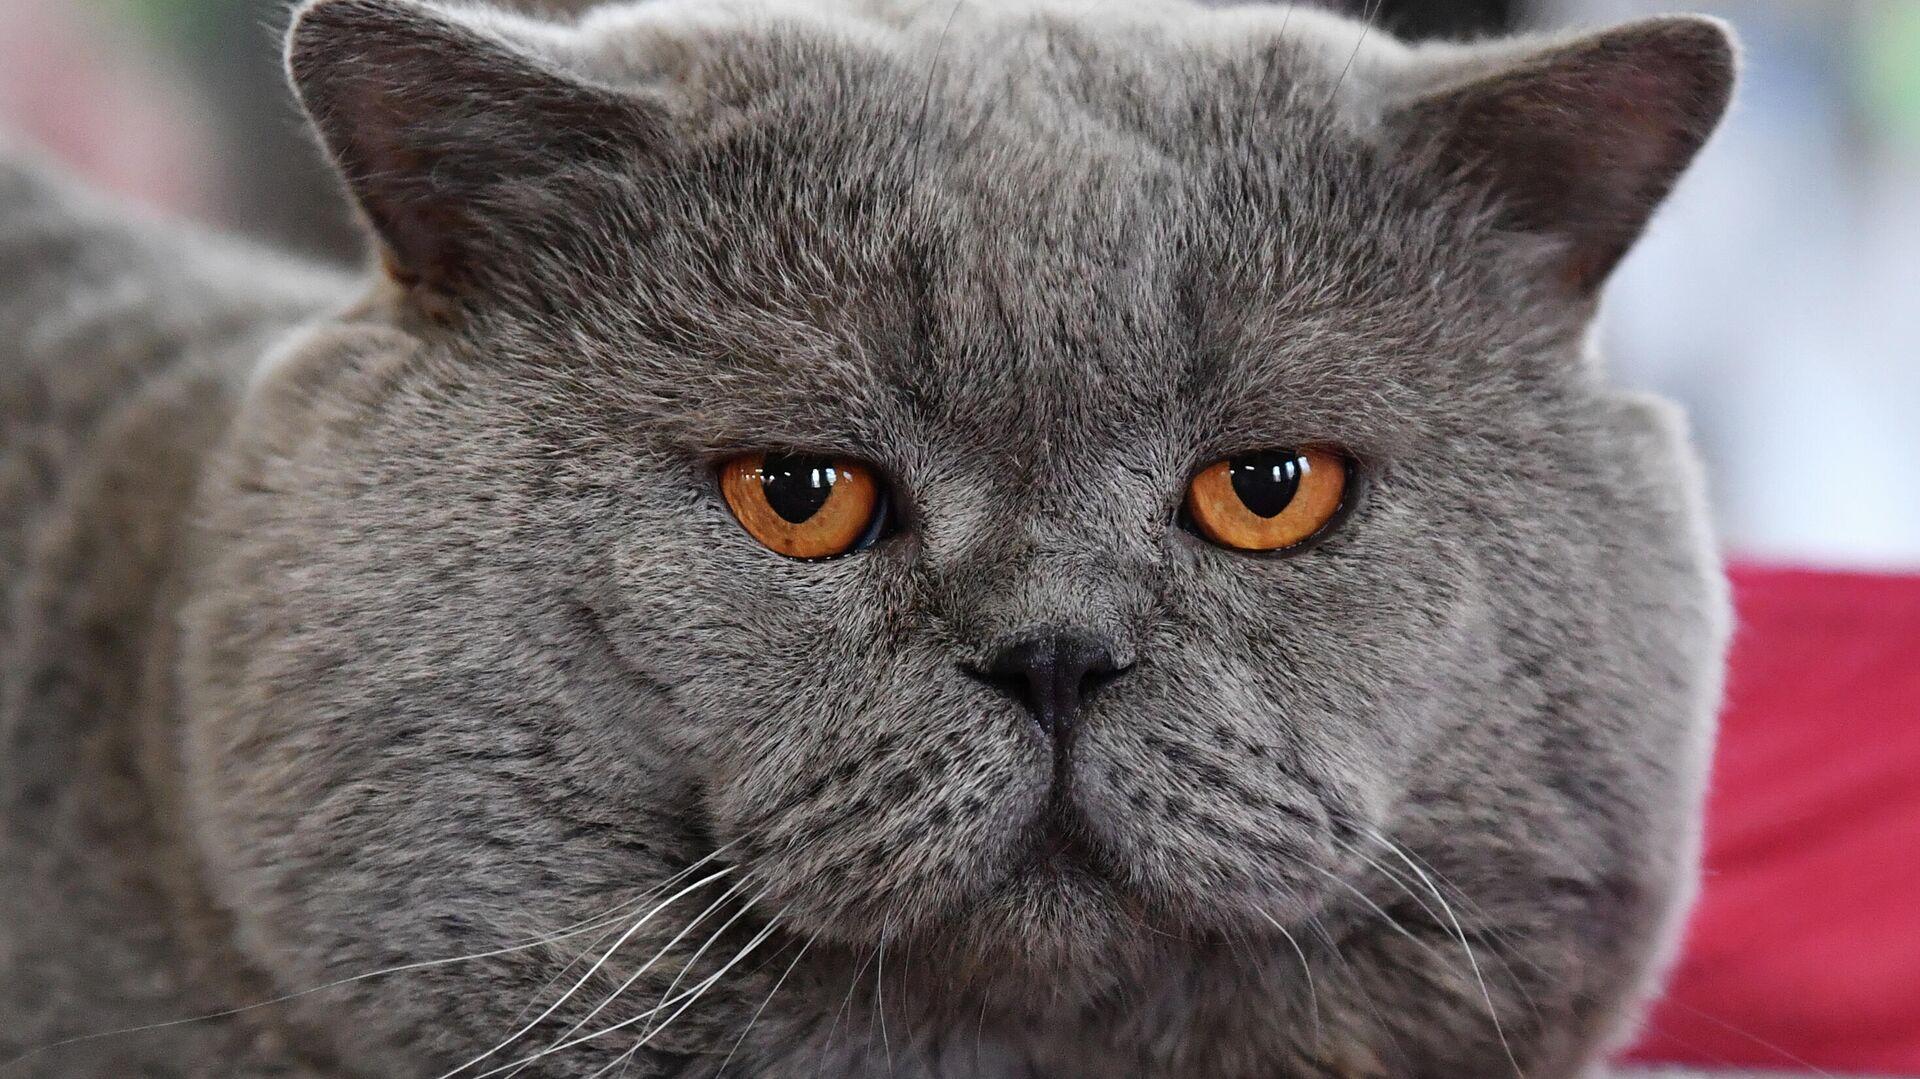 Кошка породы британская на выставке КоШарики-Шоу в Москве - РИА Новости, 1920, 21.06.2021